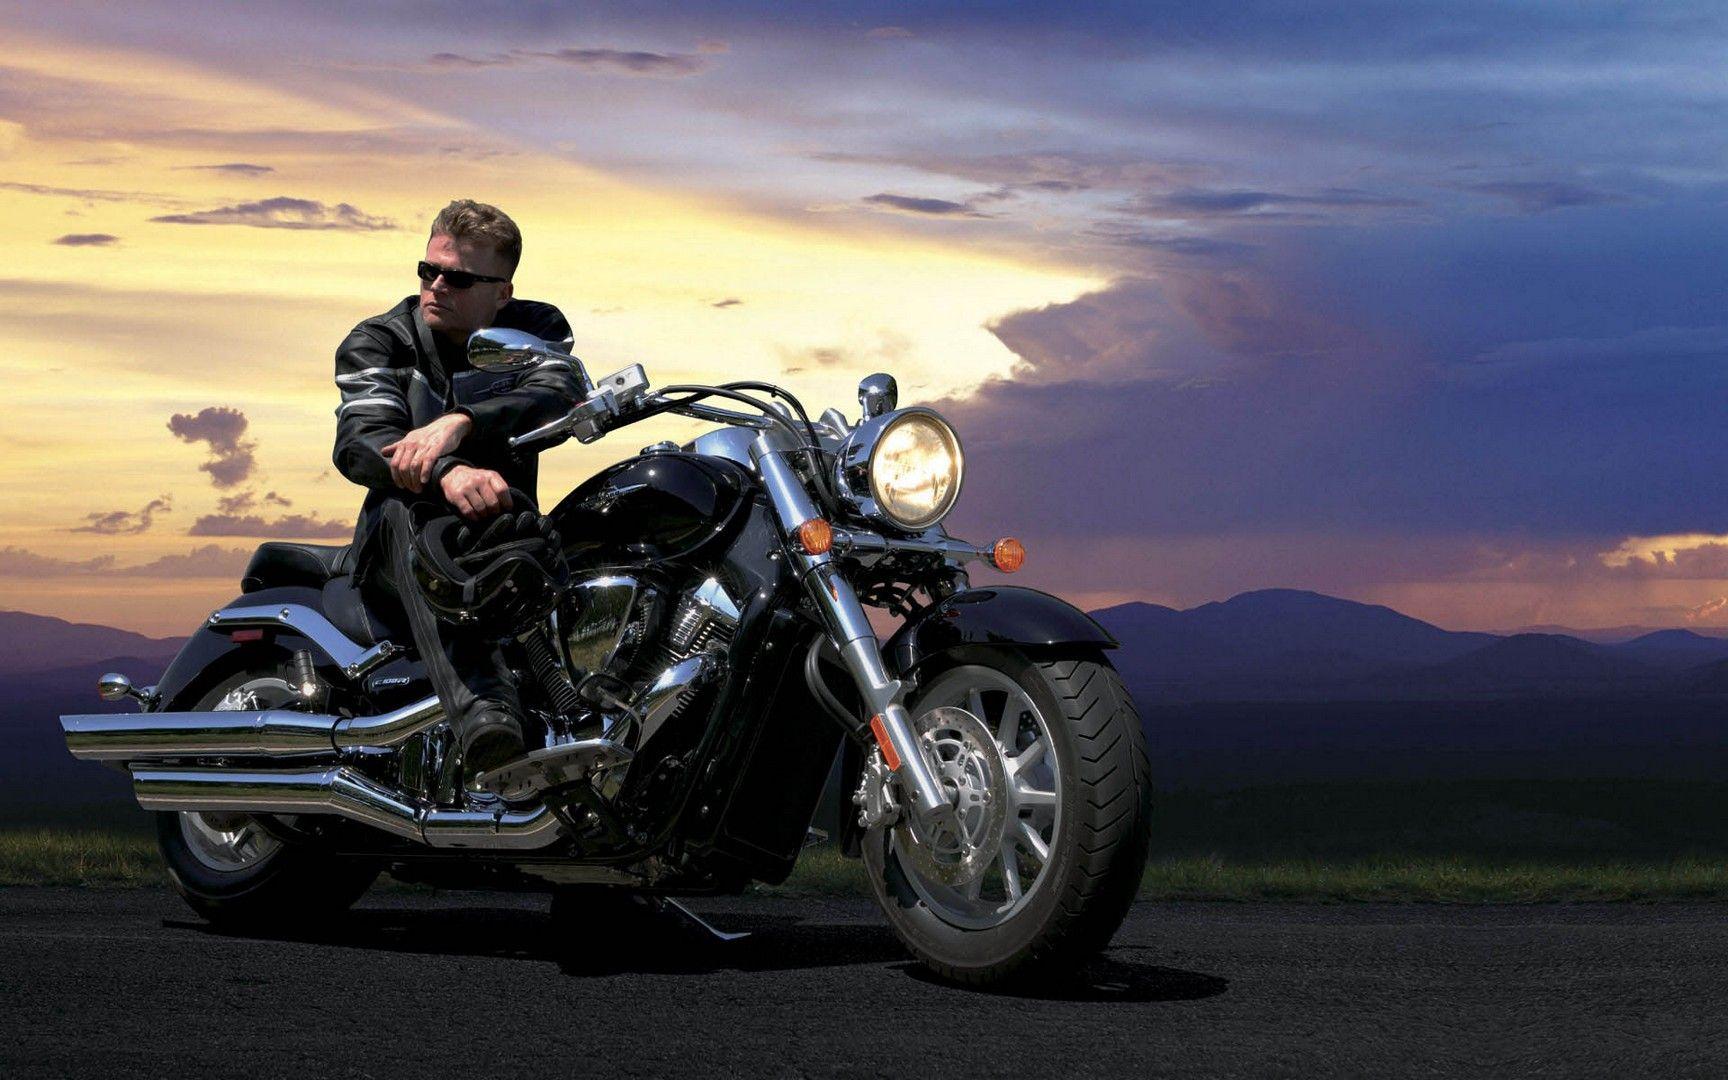 bikers wallpaper | subcultures wallpaper | pinterest | bikers